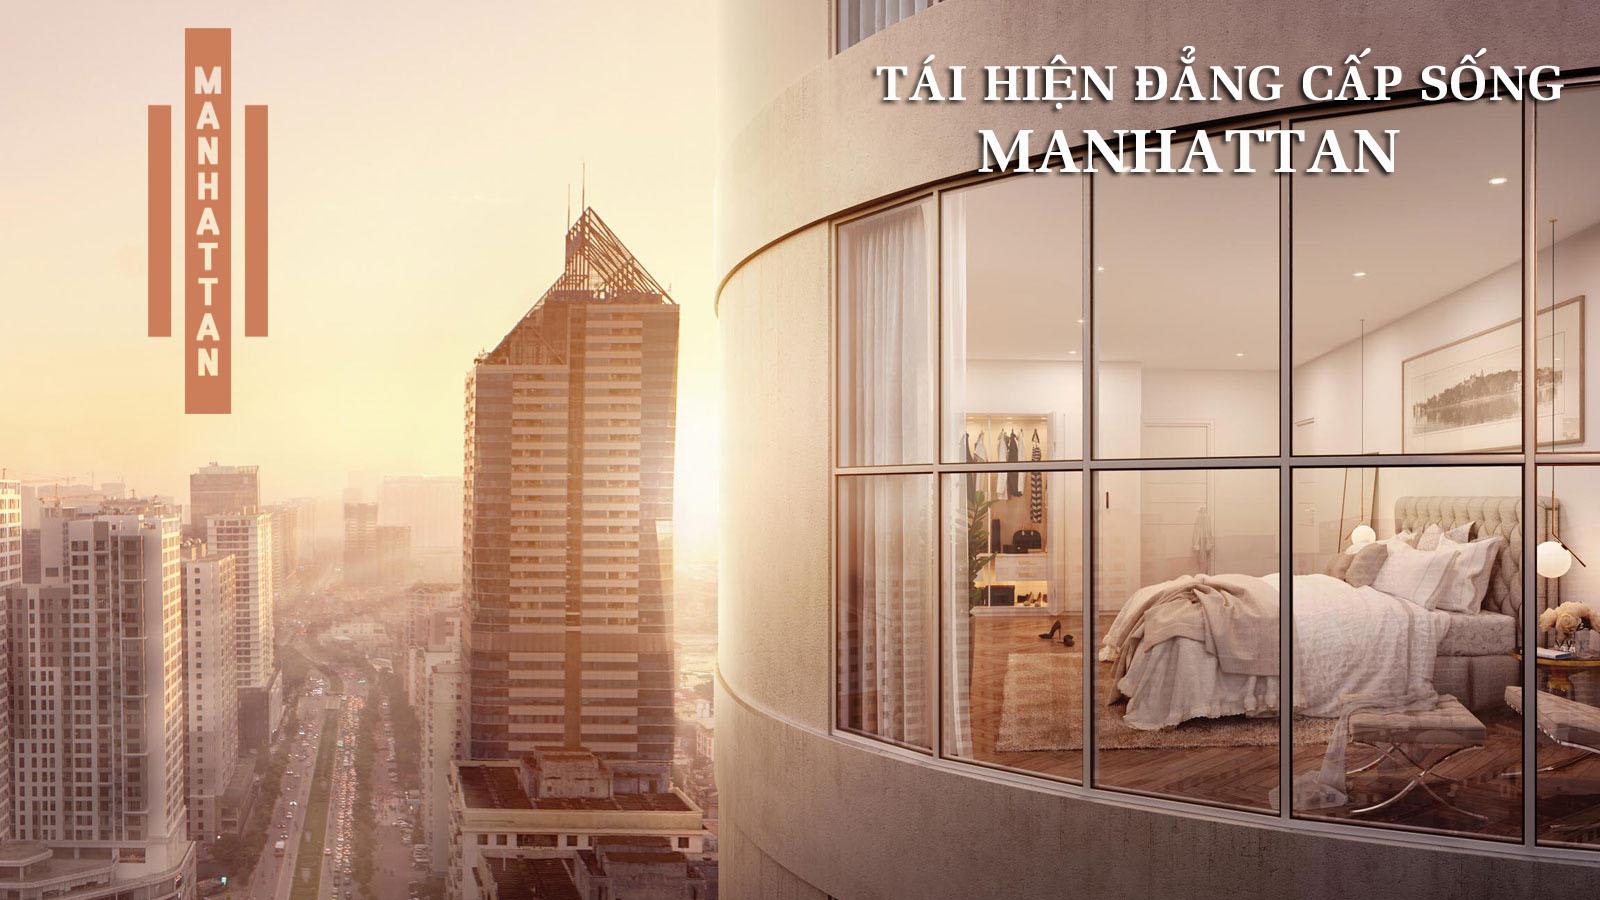 Phối cảnh dự án Manhattan Tower